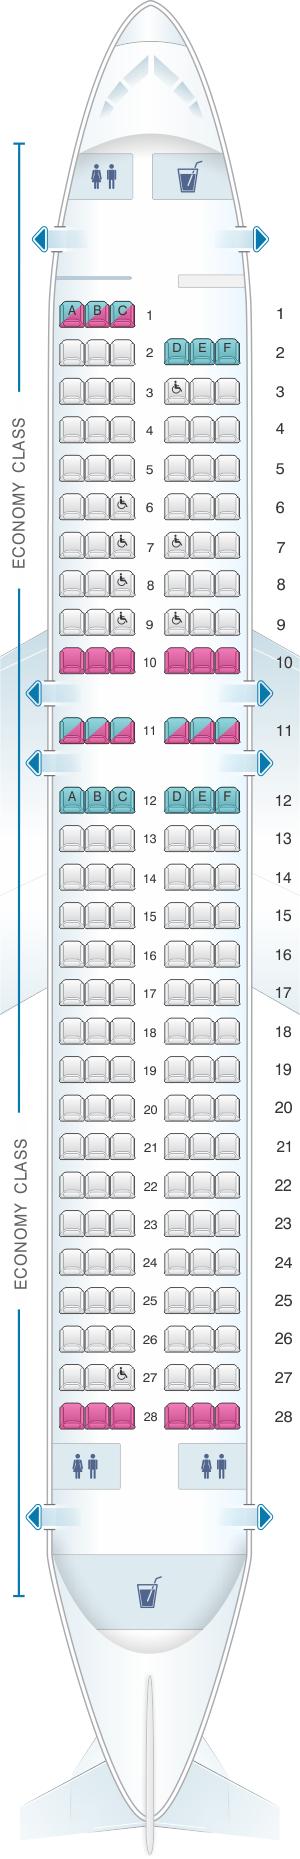 Seat map for SATA Air Açores Airbus A320-200 Config.3